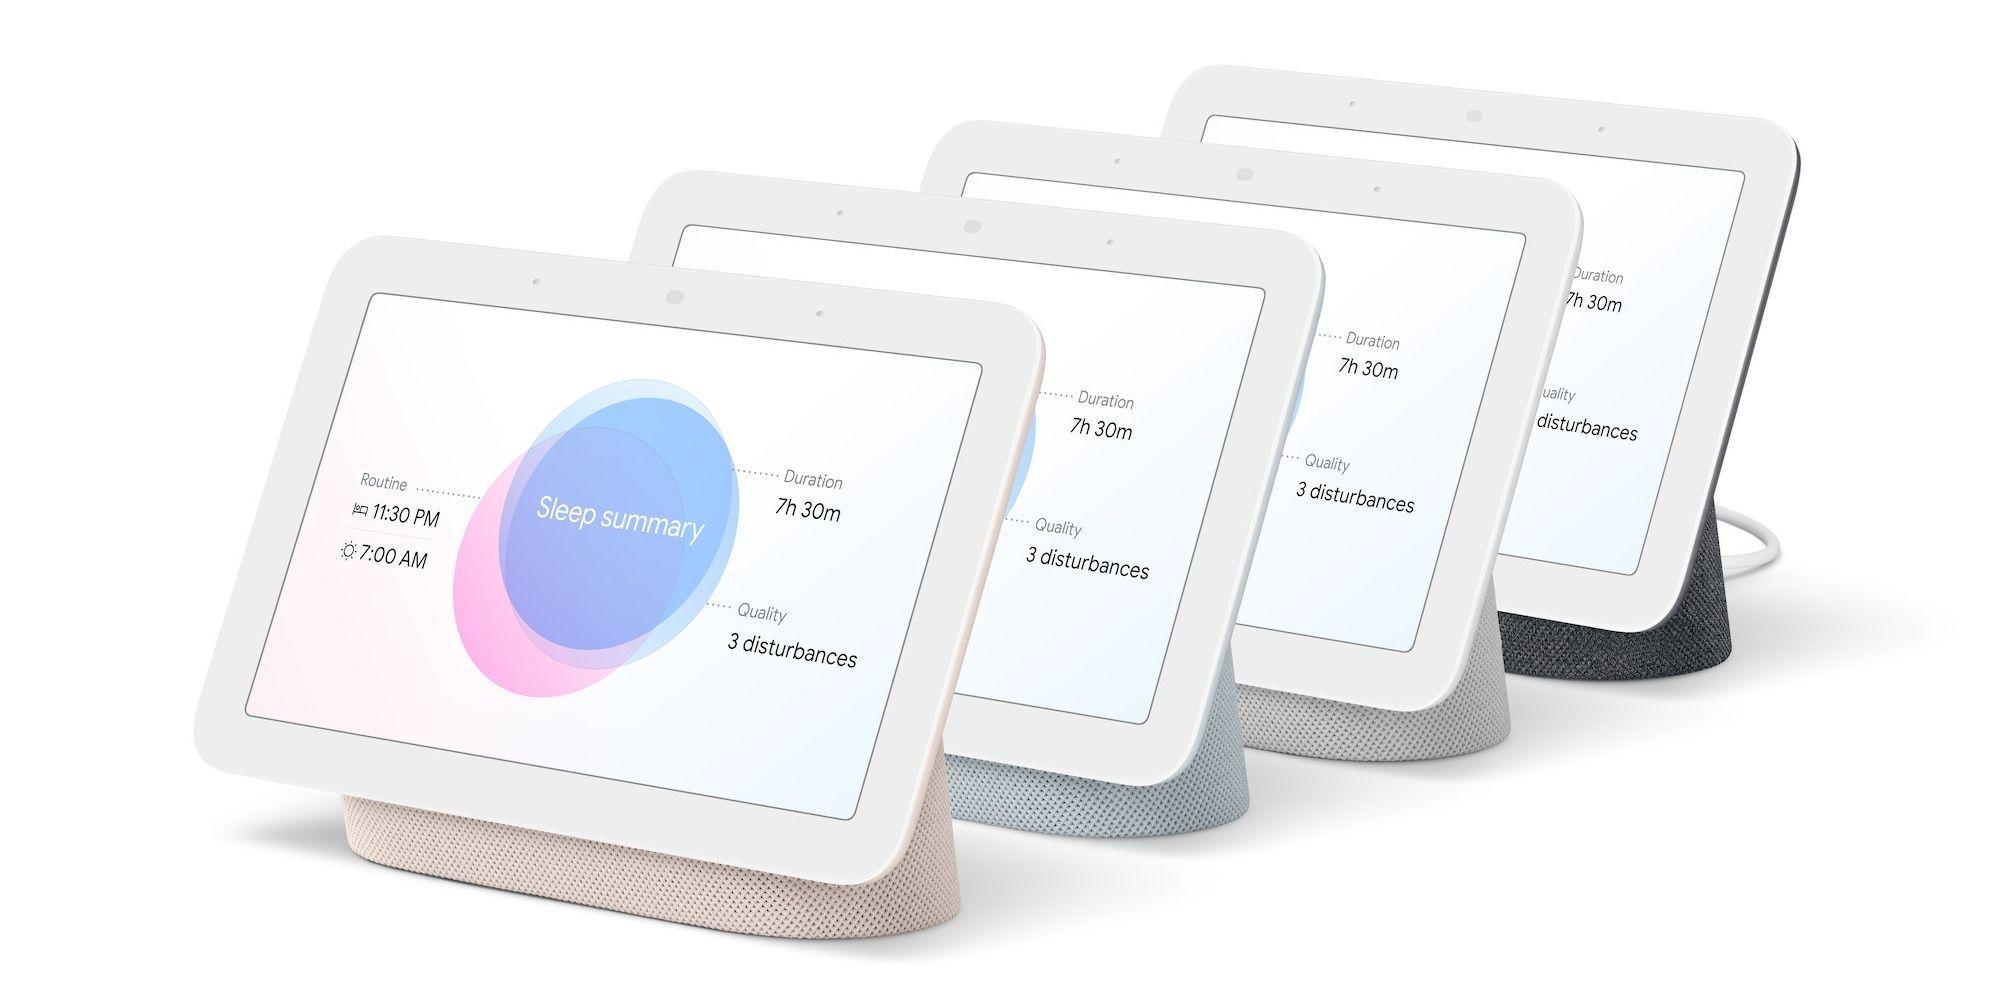 Nye Nest Hub kommer i fire ulike farger, men er ellers rimelig identisk med den forrige versjonen utenfra.